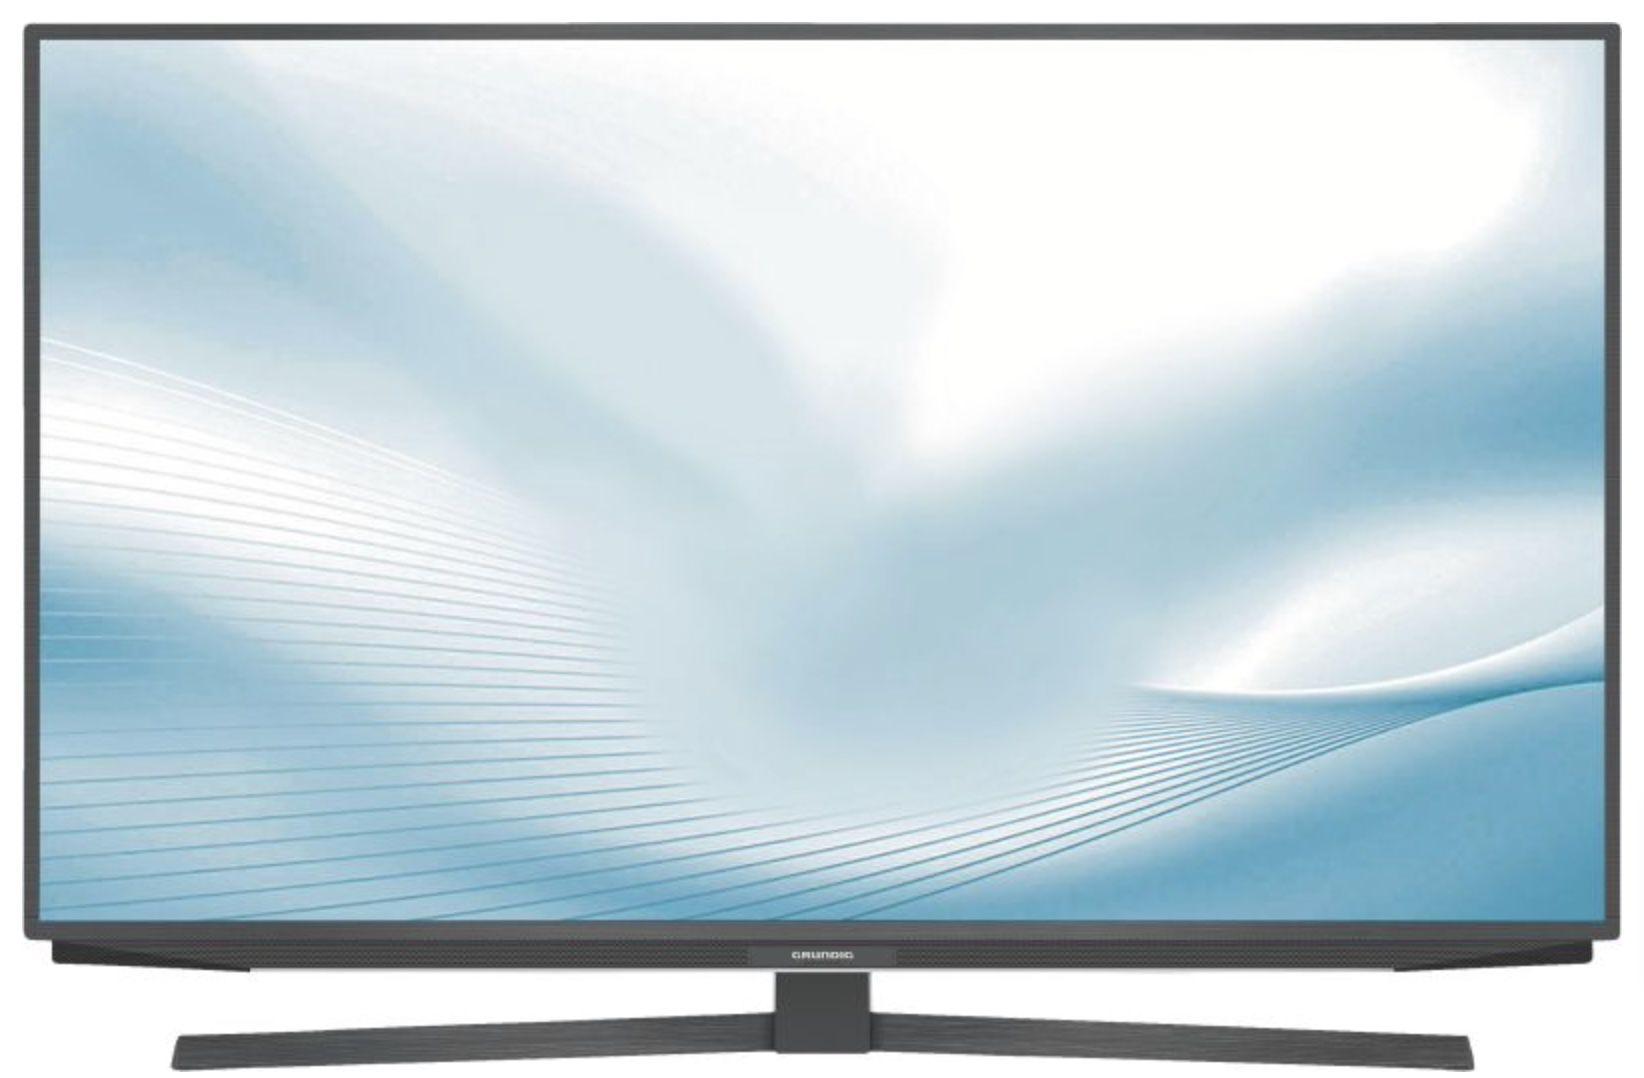 Grundig GUA 7000 Barcelona 65 Zoll UHD Fernseher für 499€ (statt 599€)